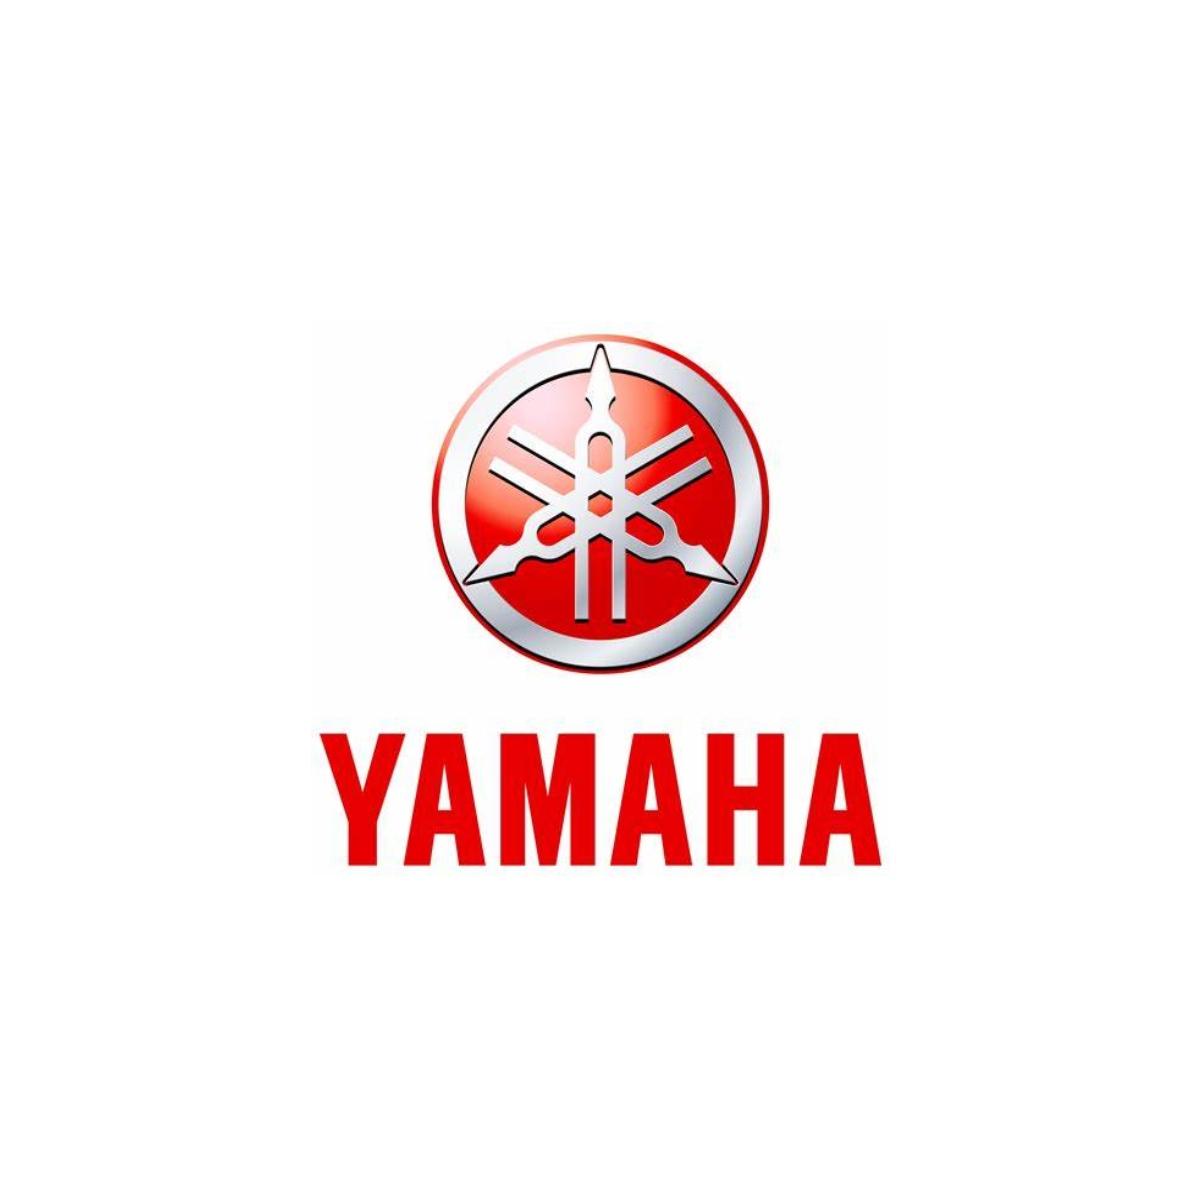 Filtro de Óleo para Jet Ski Yamaha Vx 110 / Fx 140-160 nacional 5GH-13440-30-00  - Radical Peças - Peças para Jet Ski